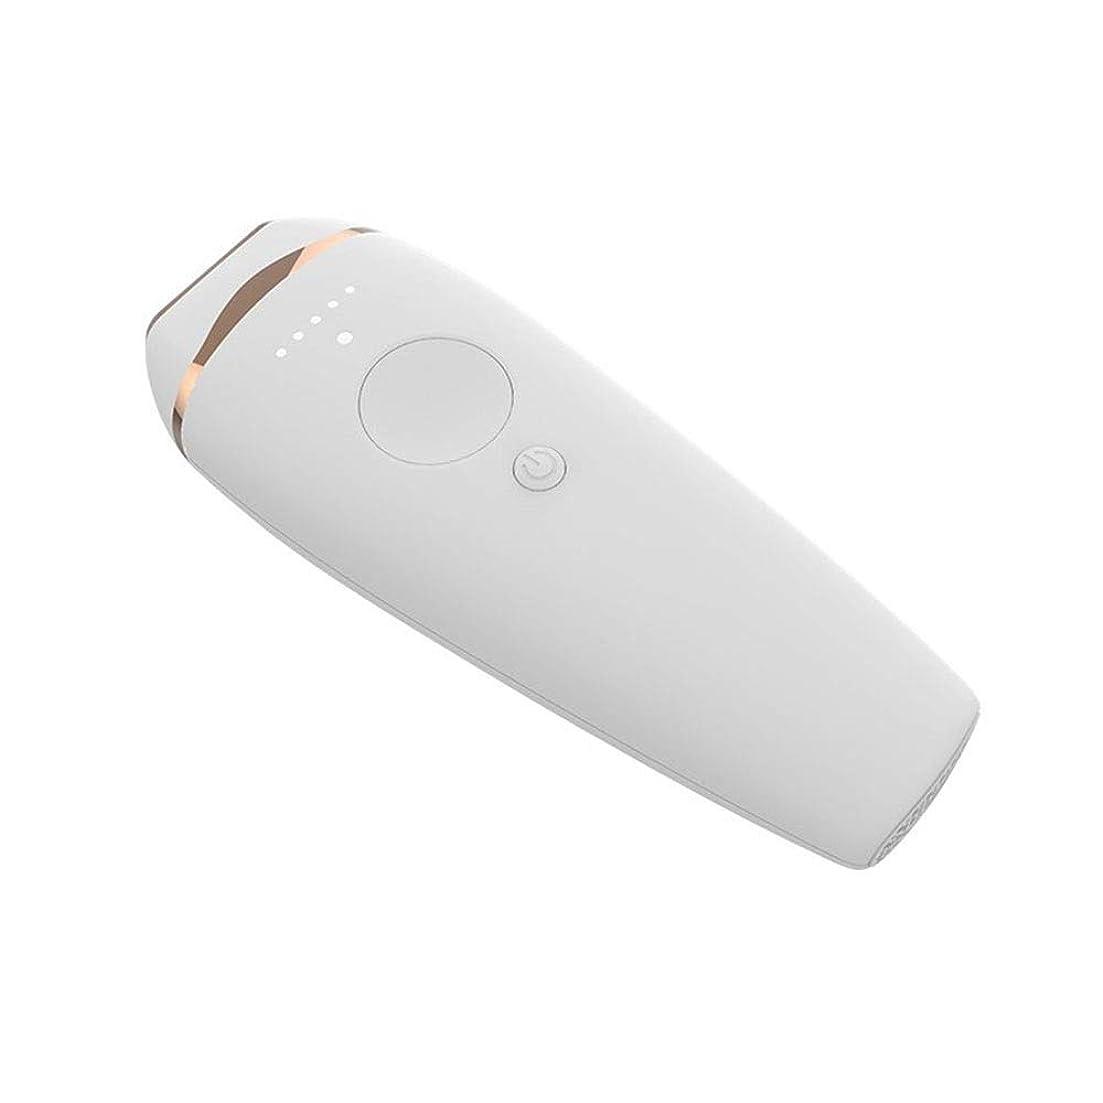 サイバースペース郵便苦しむ痛みのないボディポータブルヘアリムーバーシェービングマシン美容容器、5スピード調整、滑らかで滑らかな肌、サイズ20.5×14.9×6.6センチ 安全性 (Color : Gold)